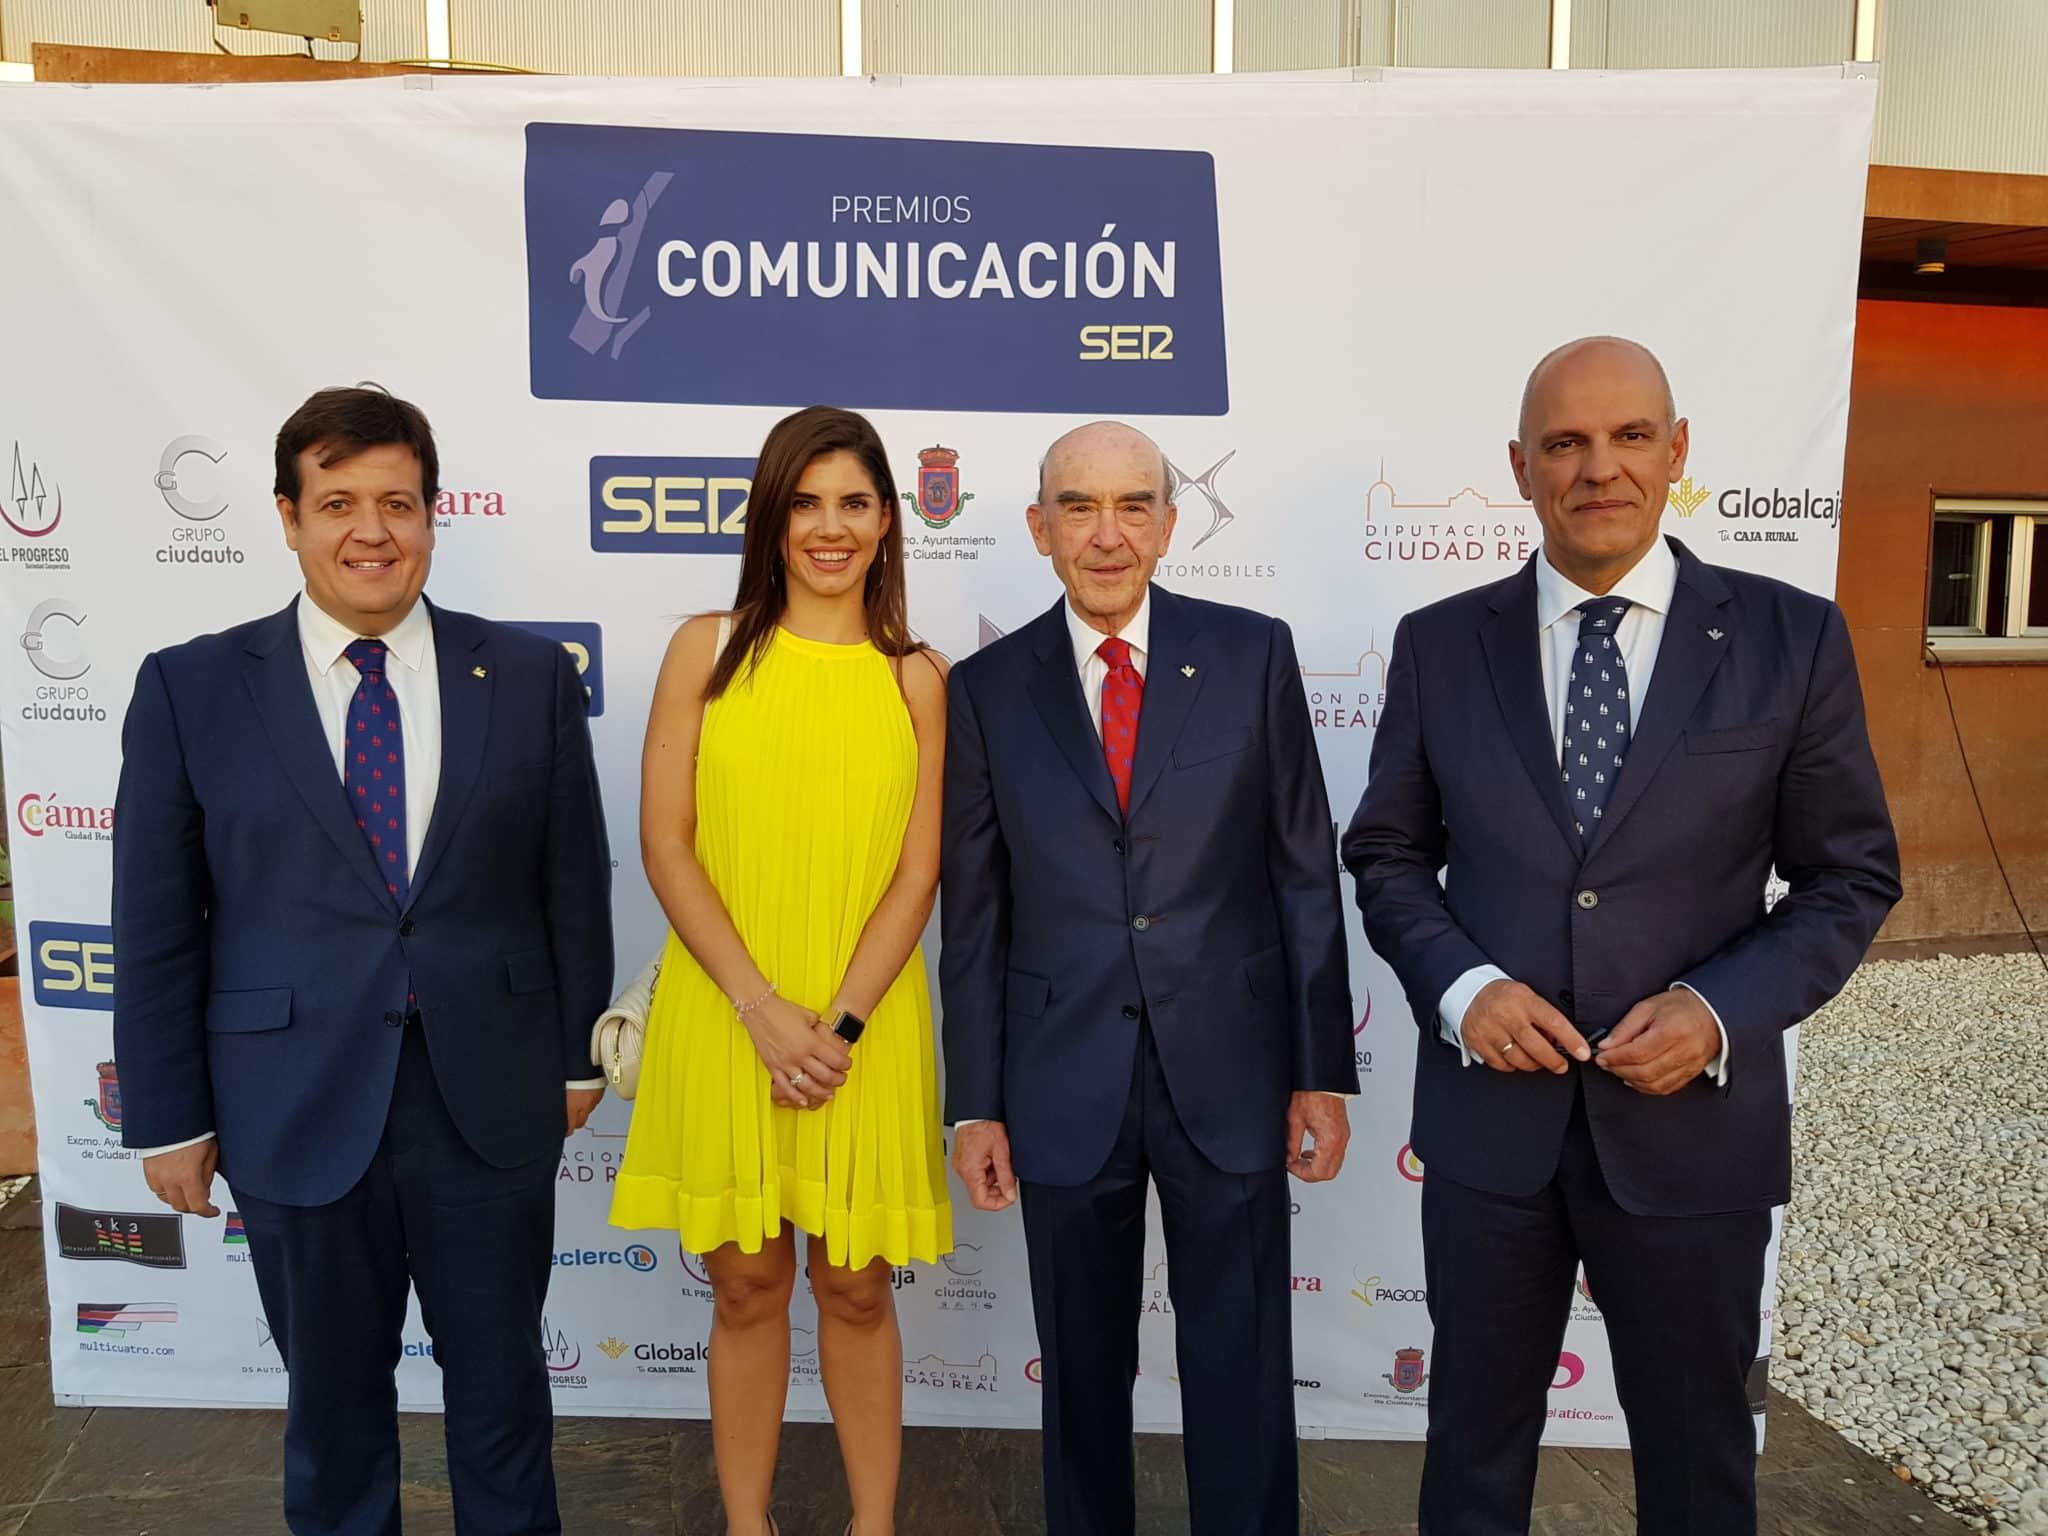 https://blog.globalcaja.es/wp-content/uploads/2019/06/premios-cimunicacion-cadena-ser-ciudad-real.jpg